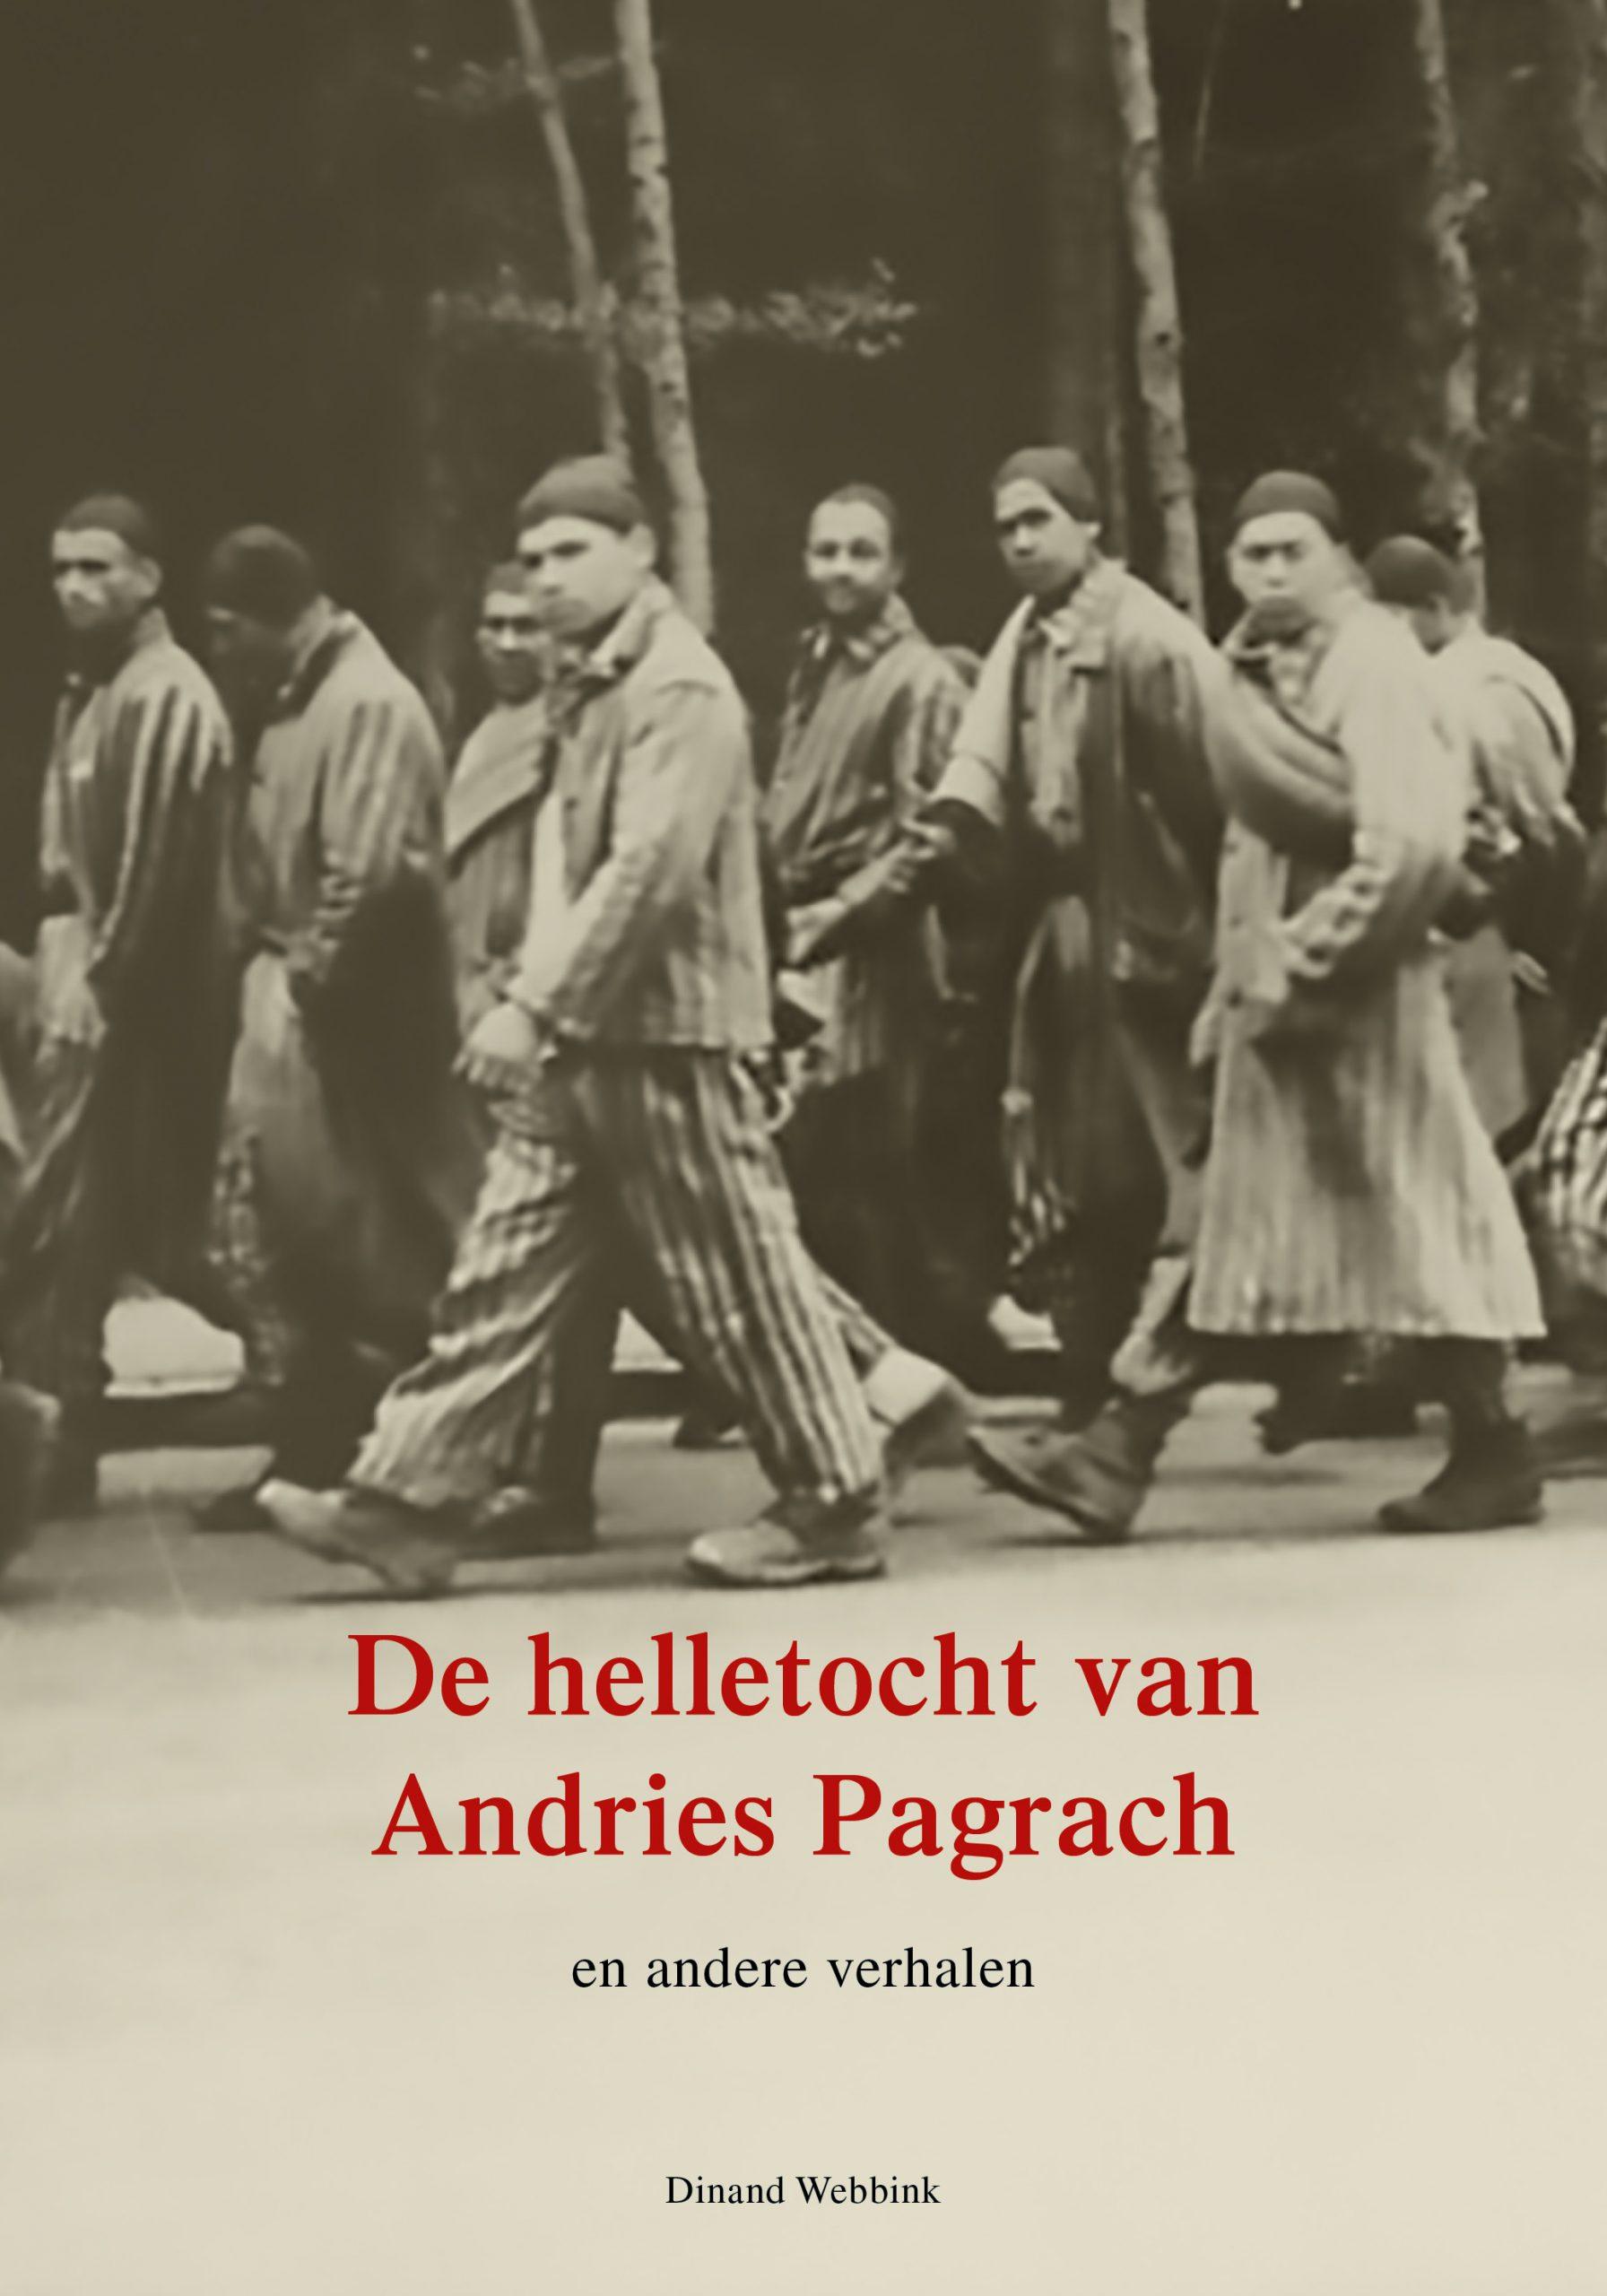 De helletocht van Andries Pagrach